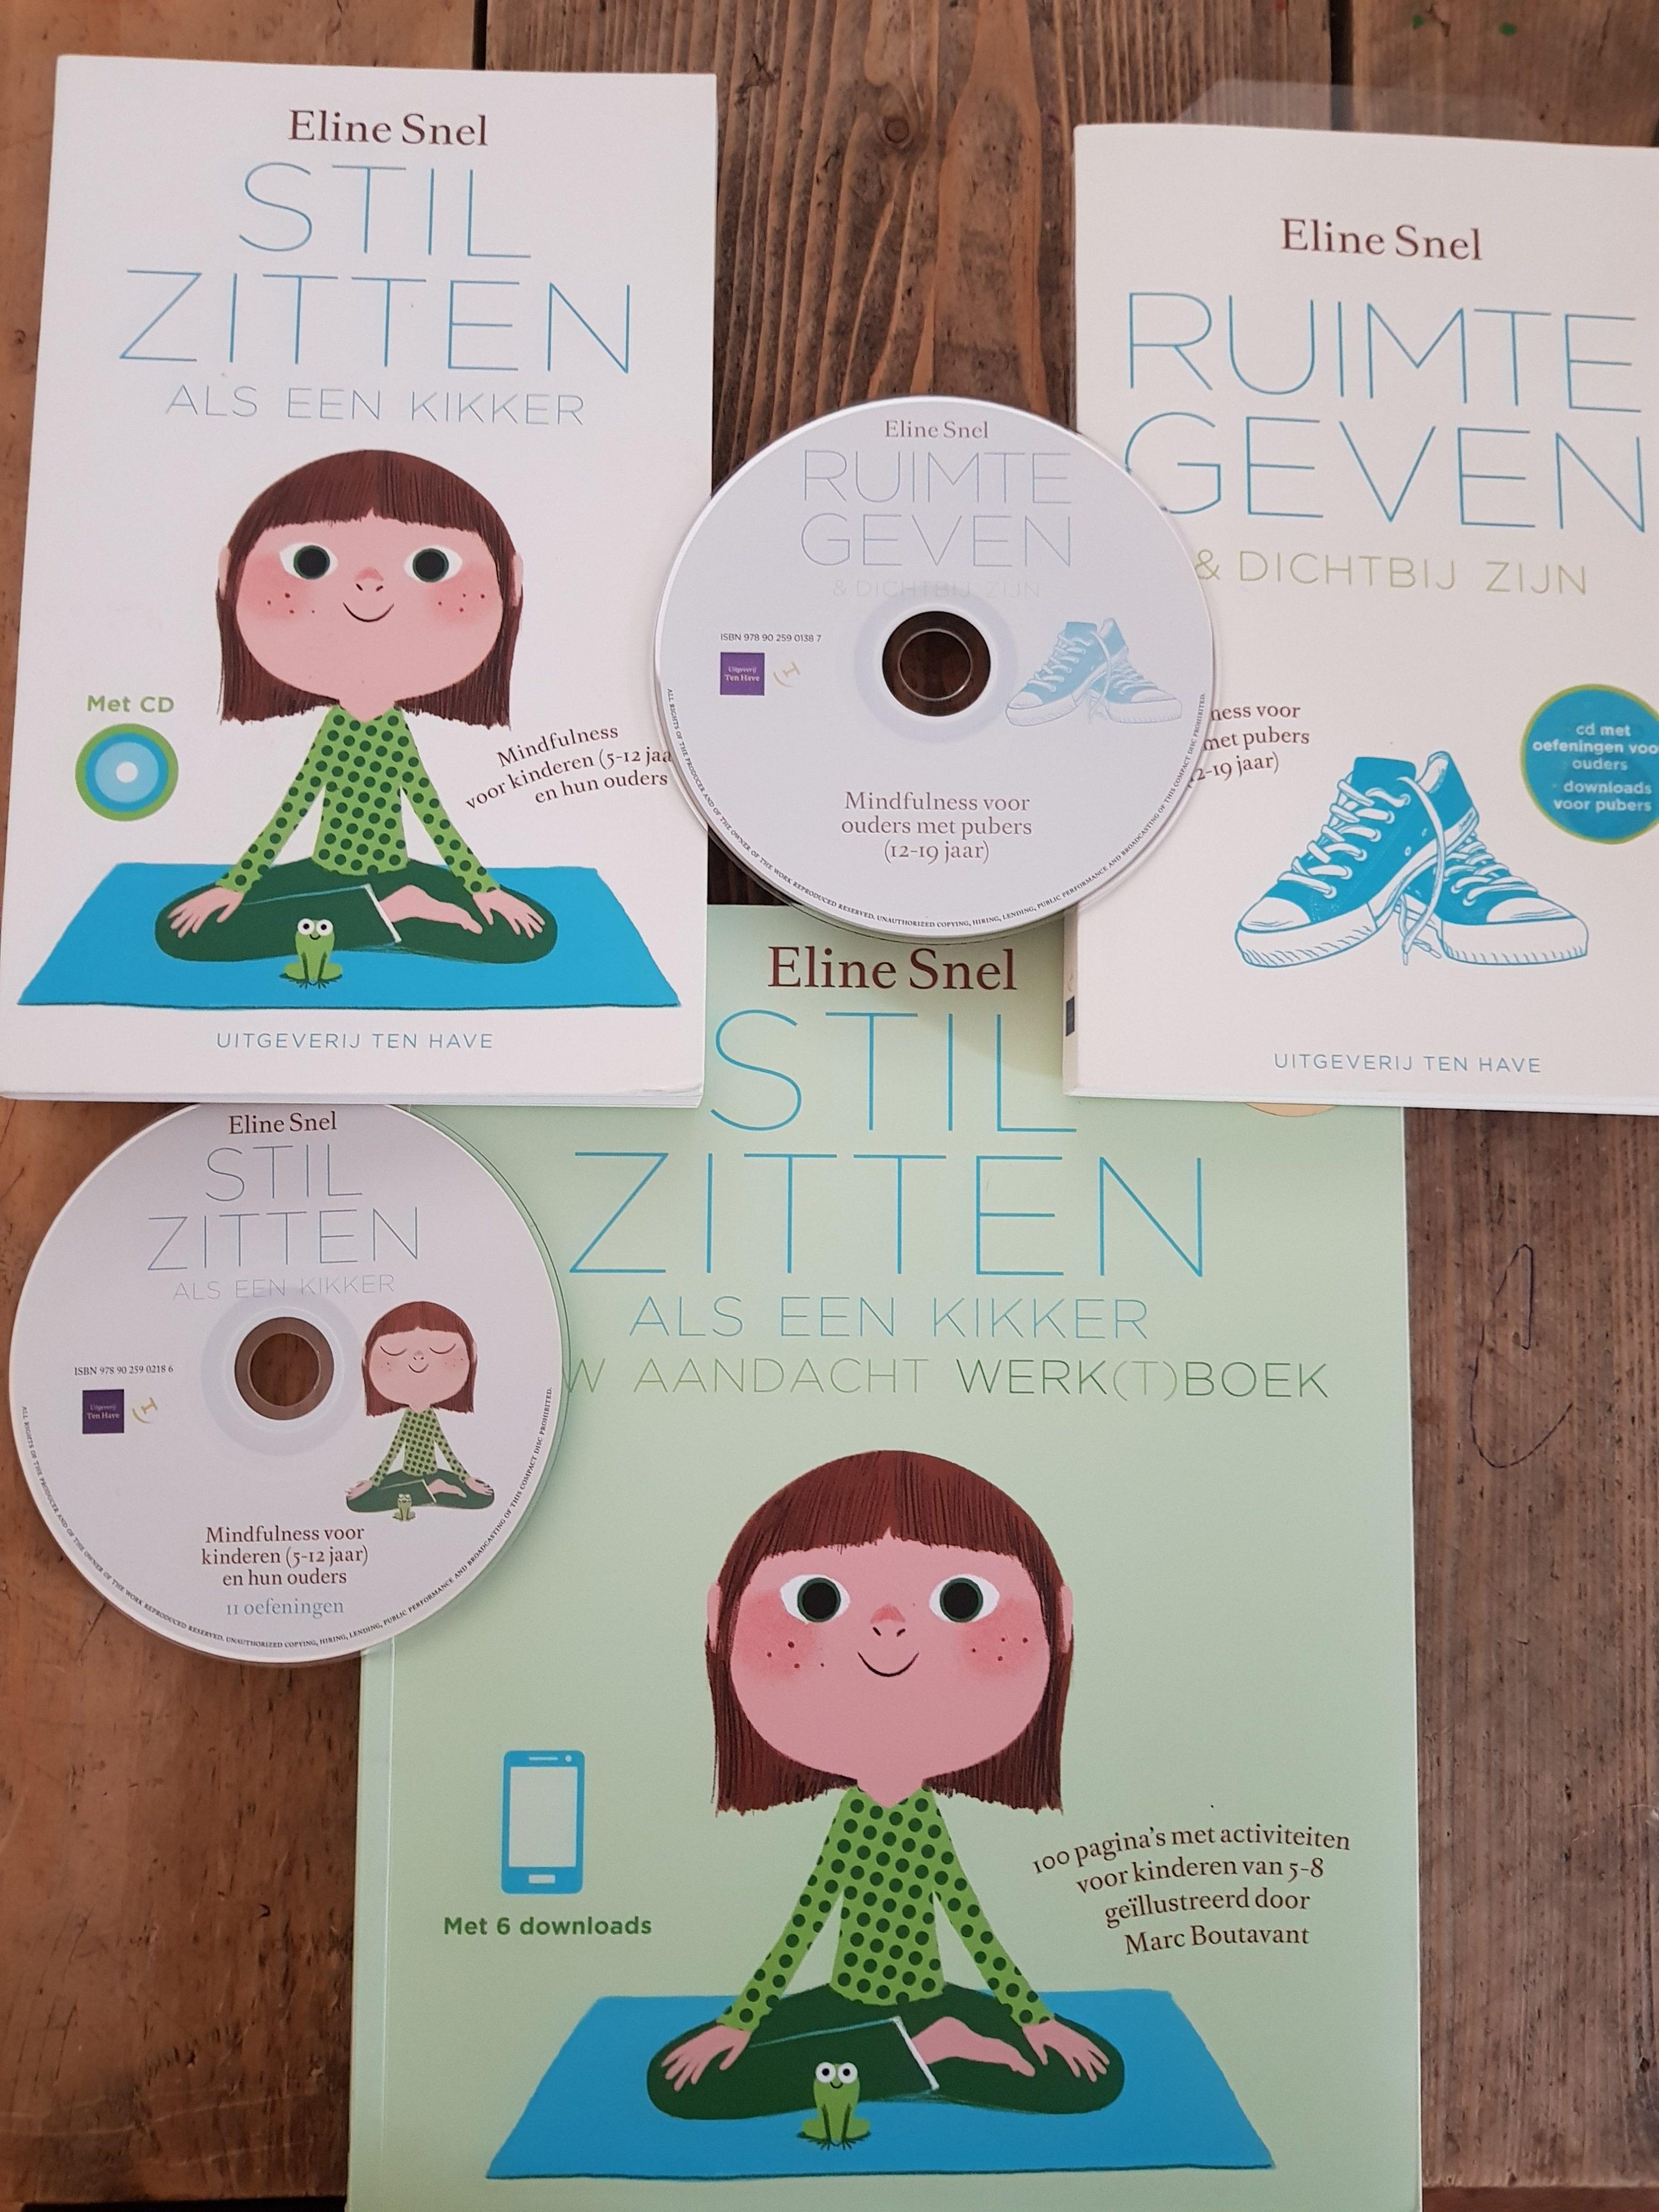 Relax More - Om mee te beginnen - Lees- en kijktips Mindfulness voor kinderen 4